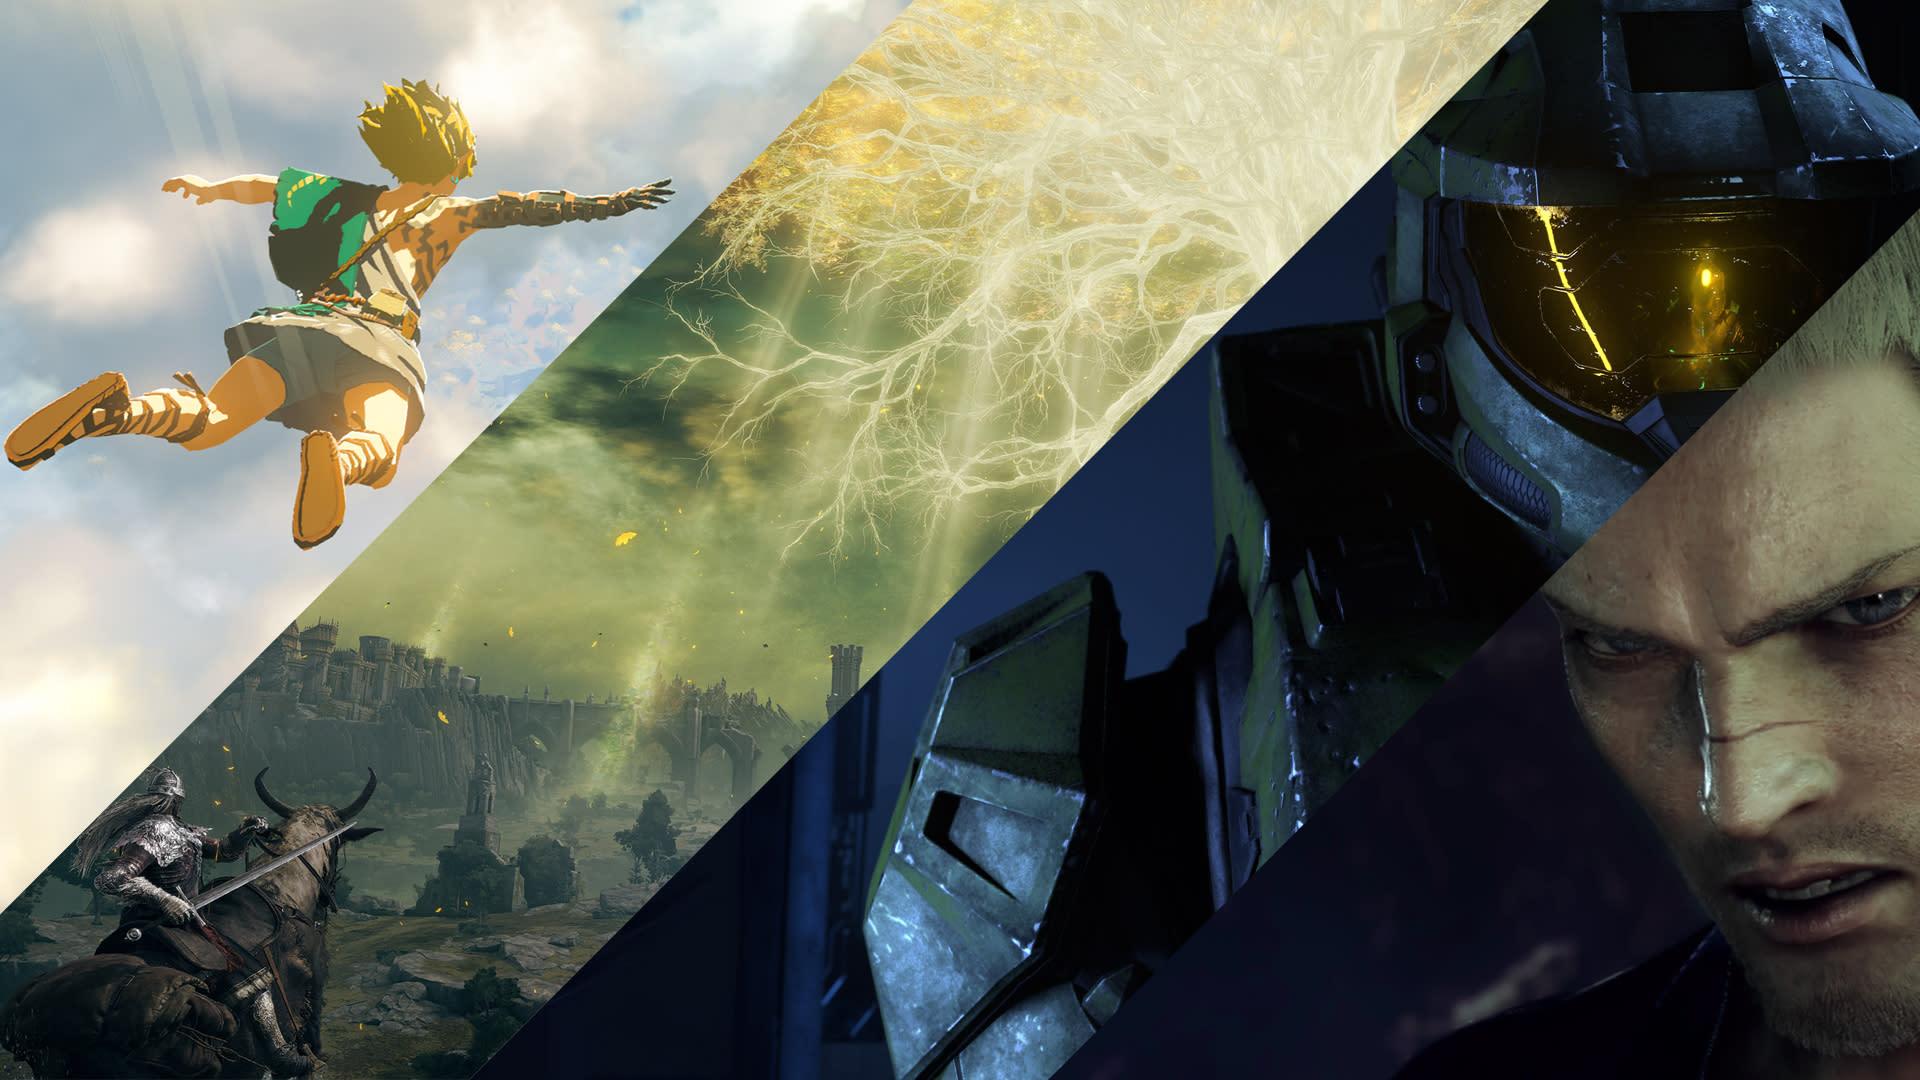 Games at E3